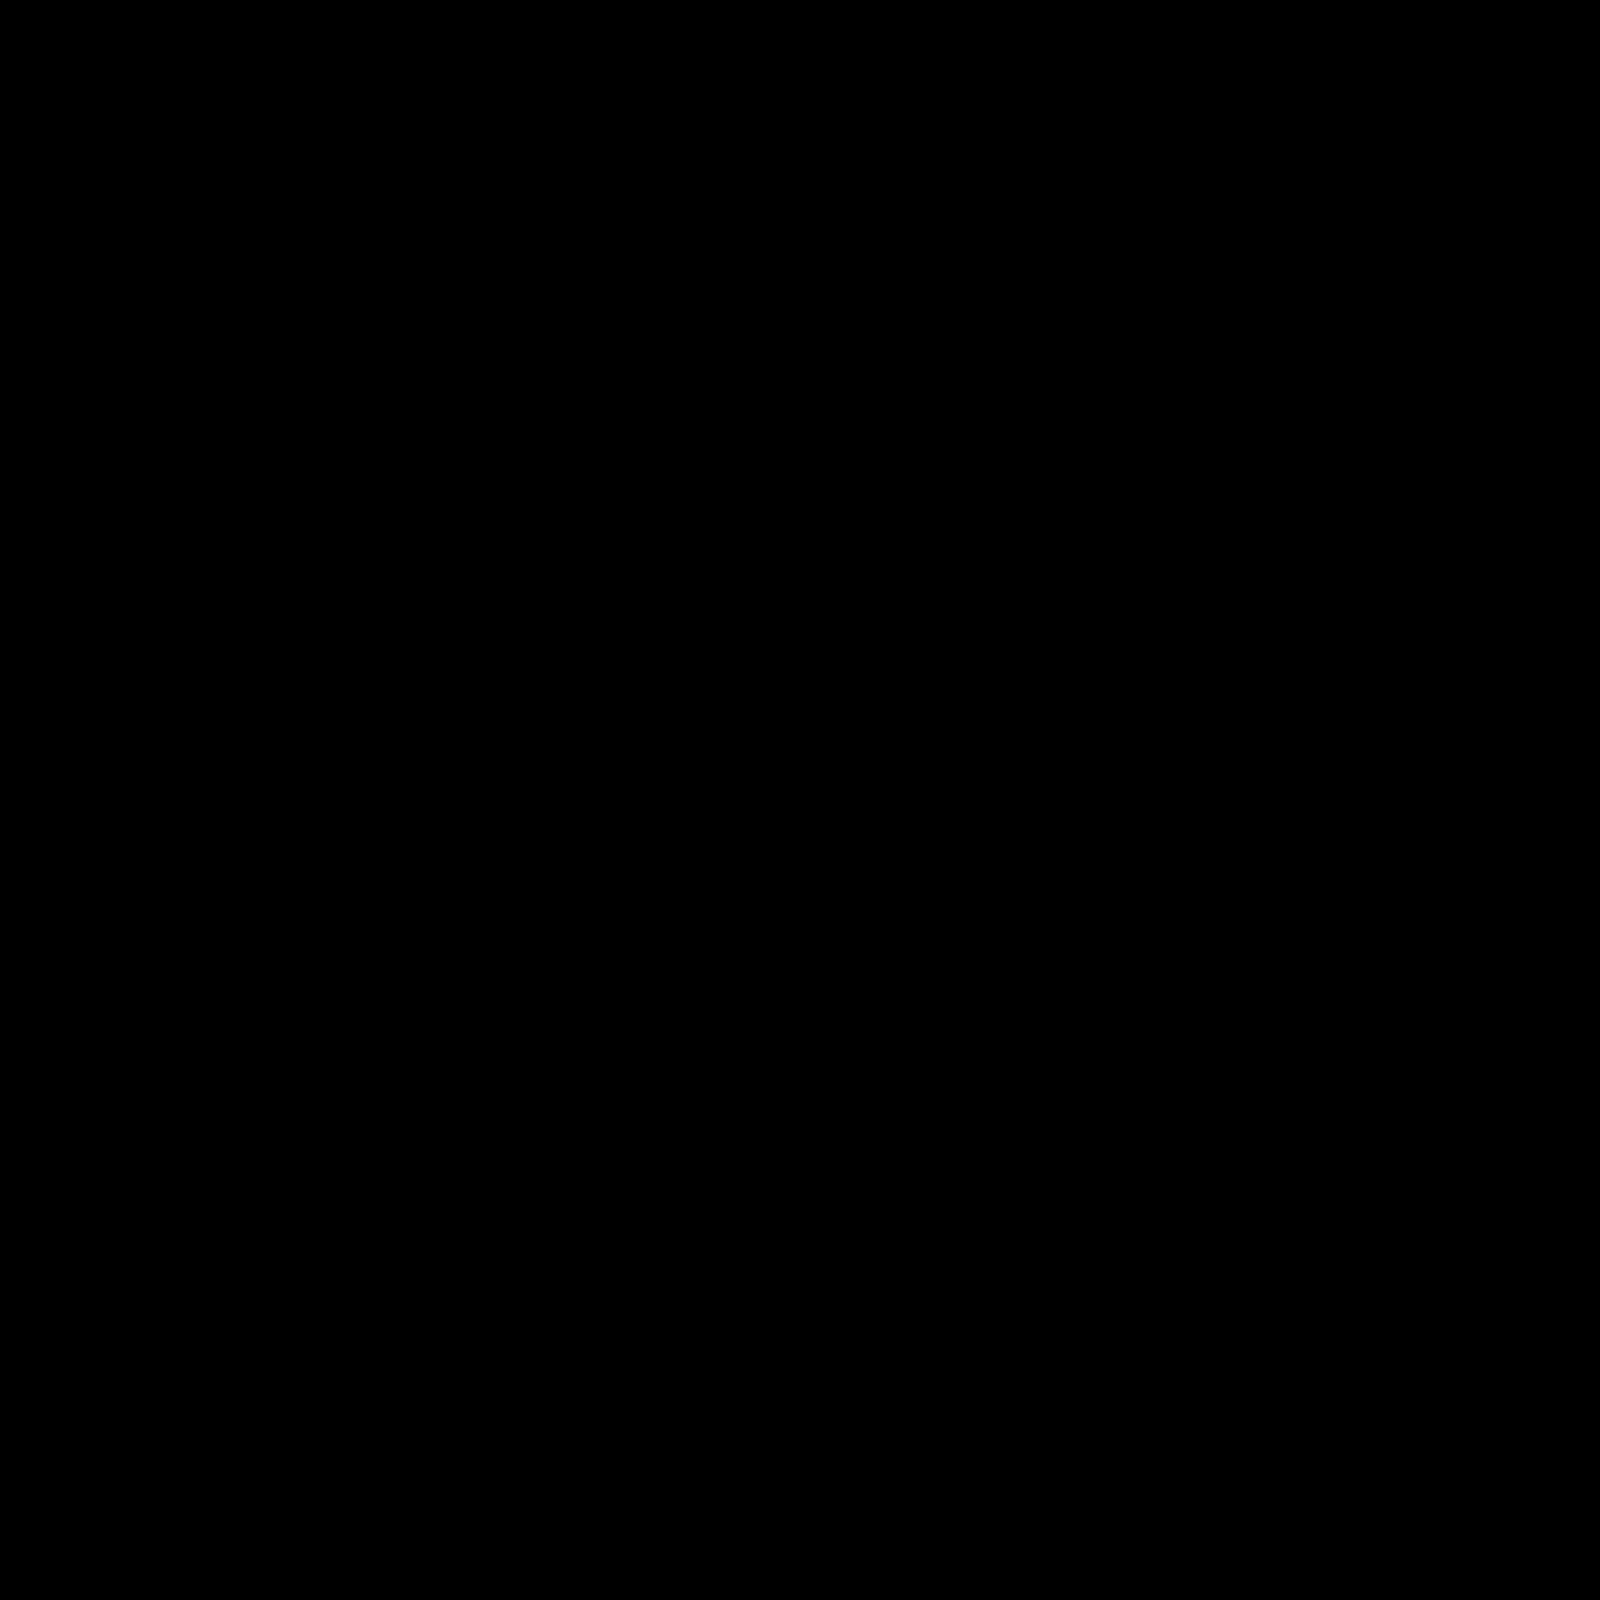 Dymek z wielokropkiem icon